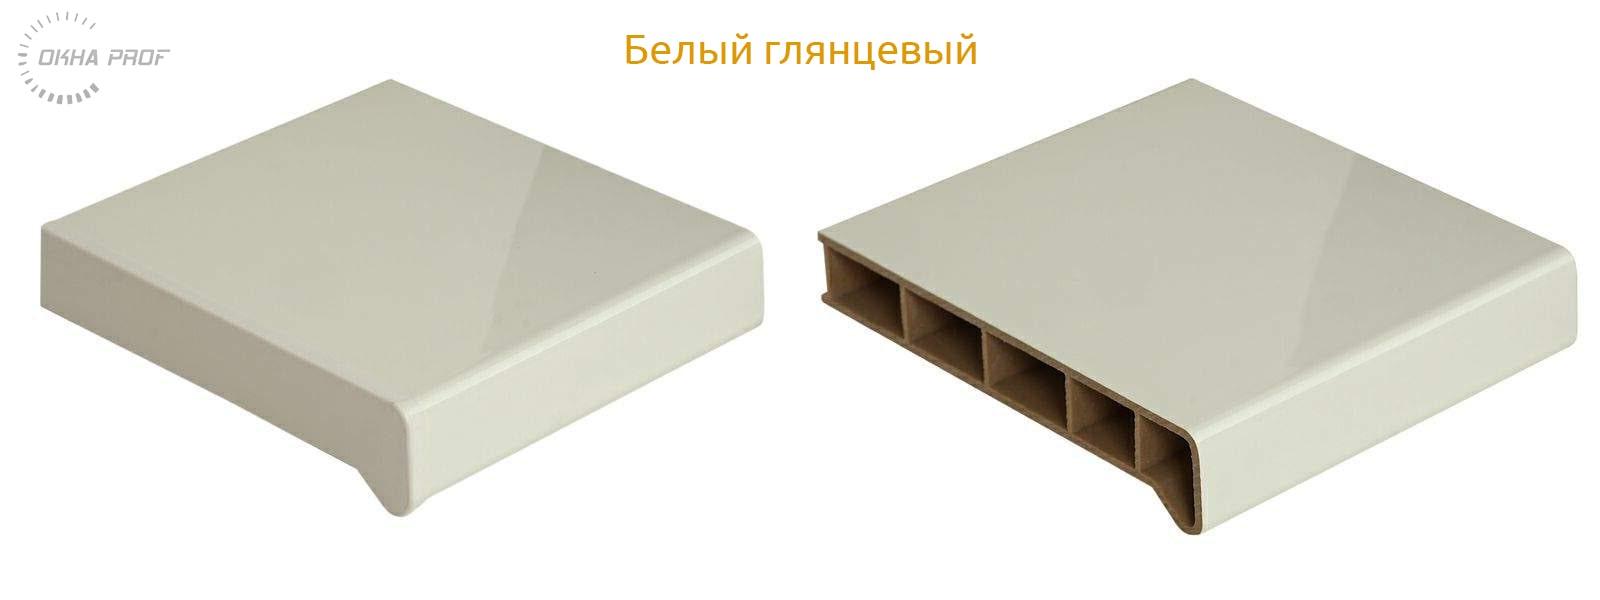 podokonnik-decor-donetsk-oknaprof-moeller-001